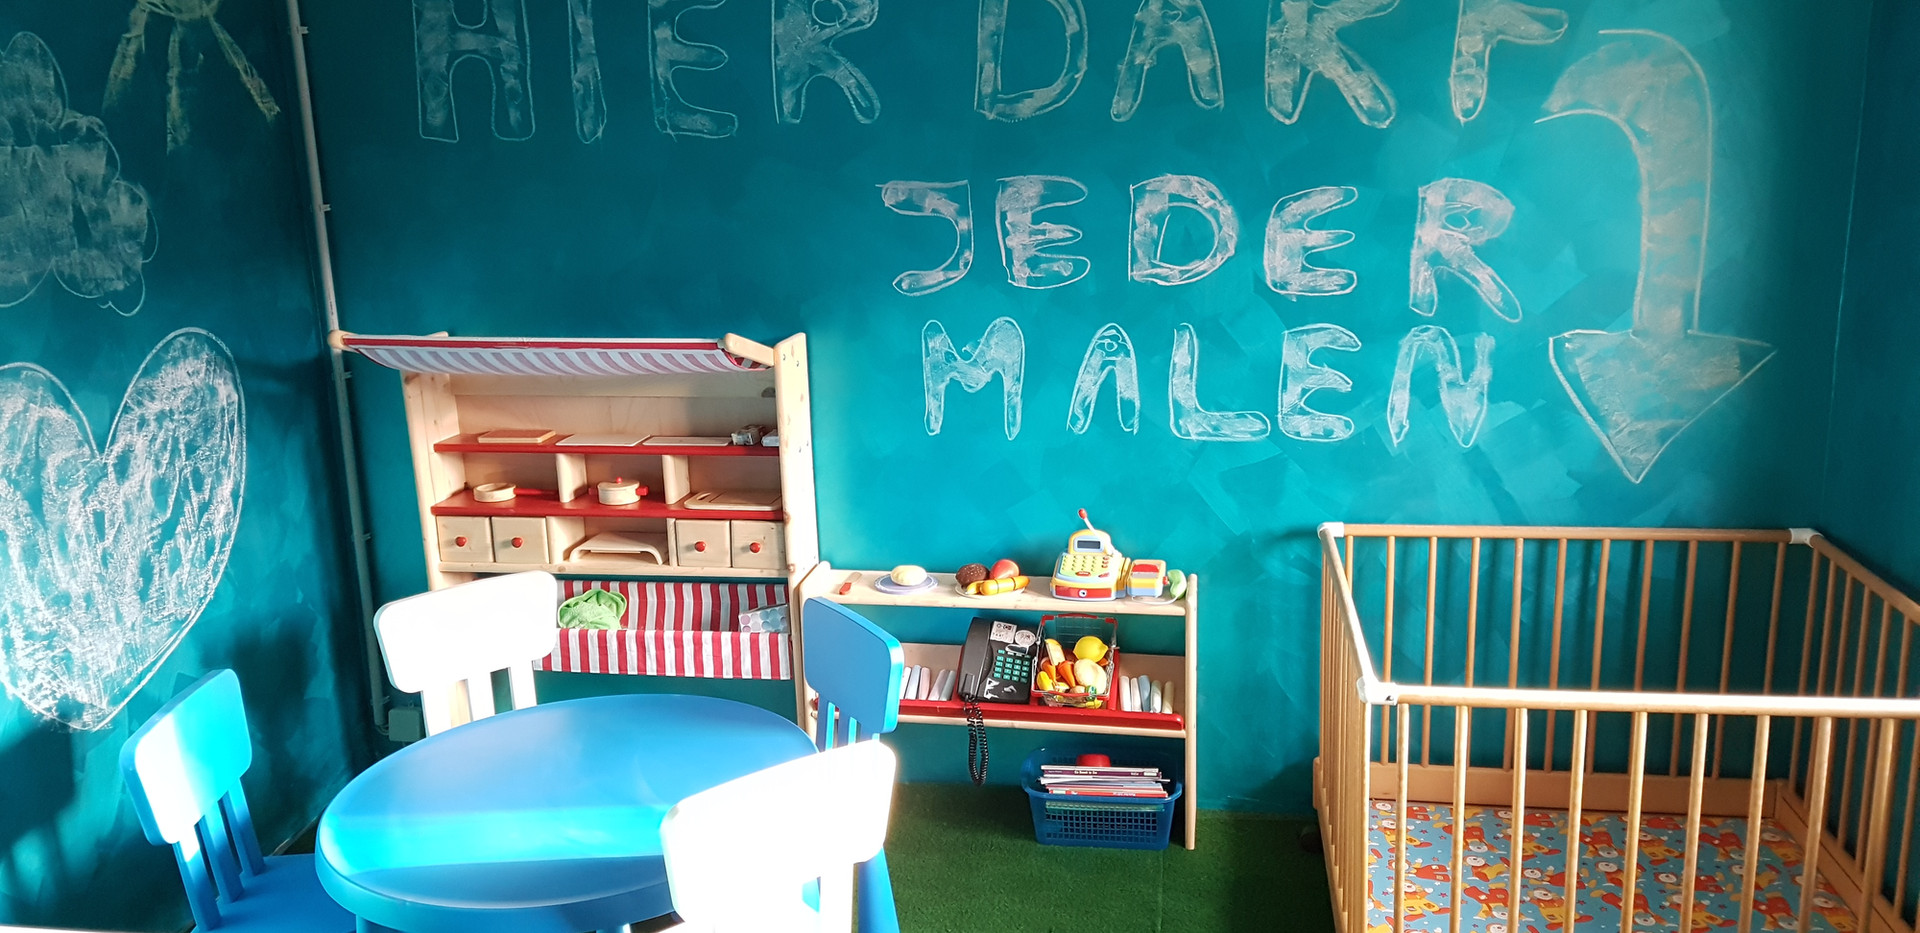 Foto Kinderspielhaus.jpg